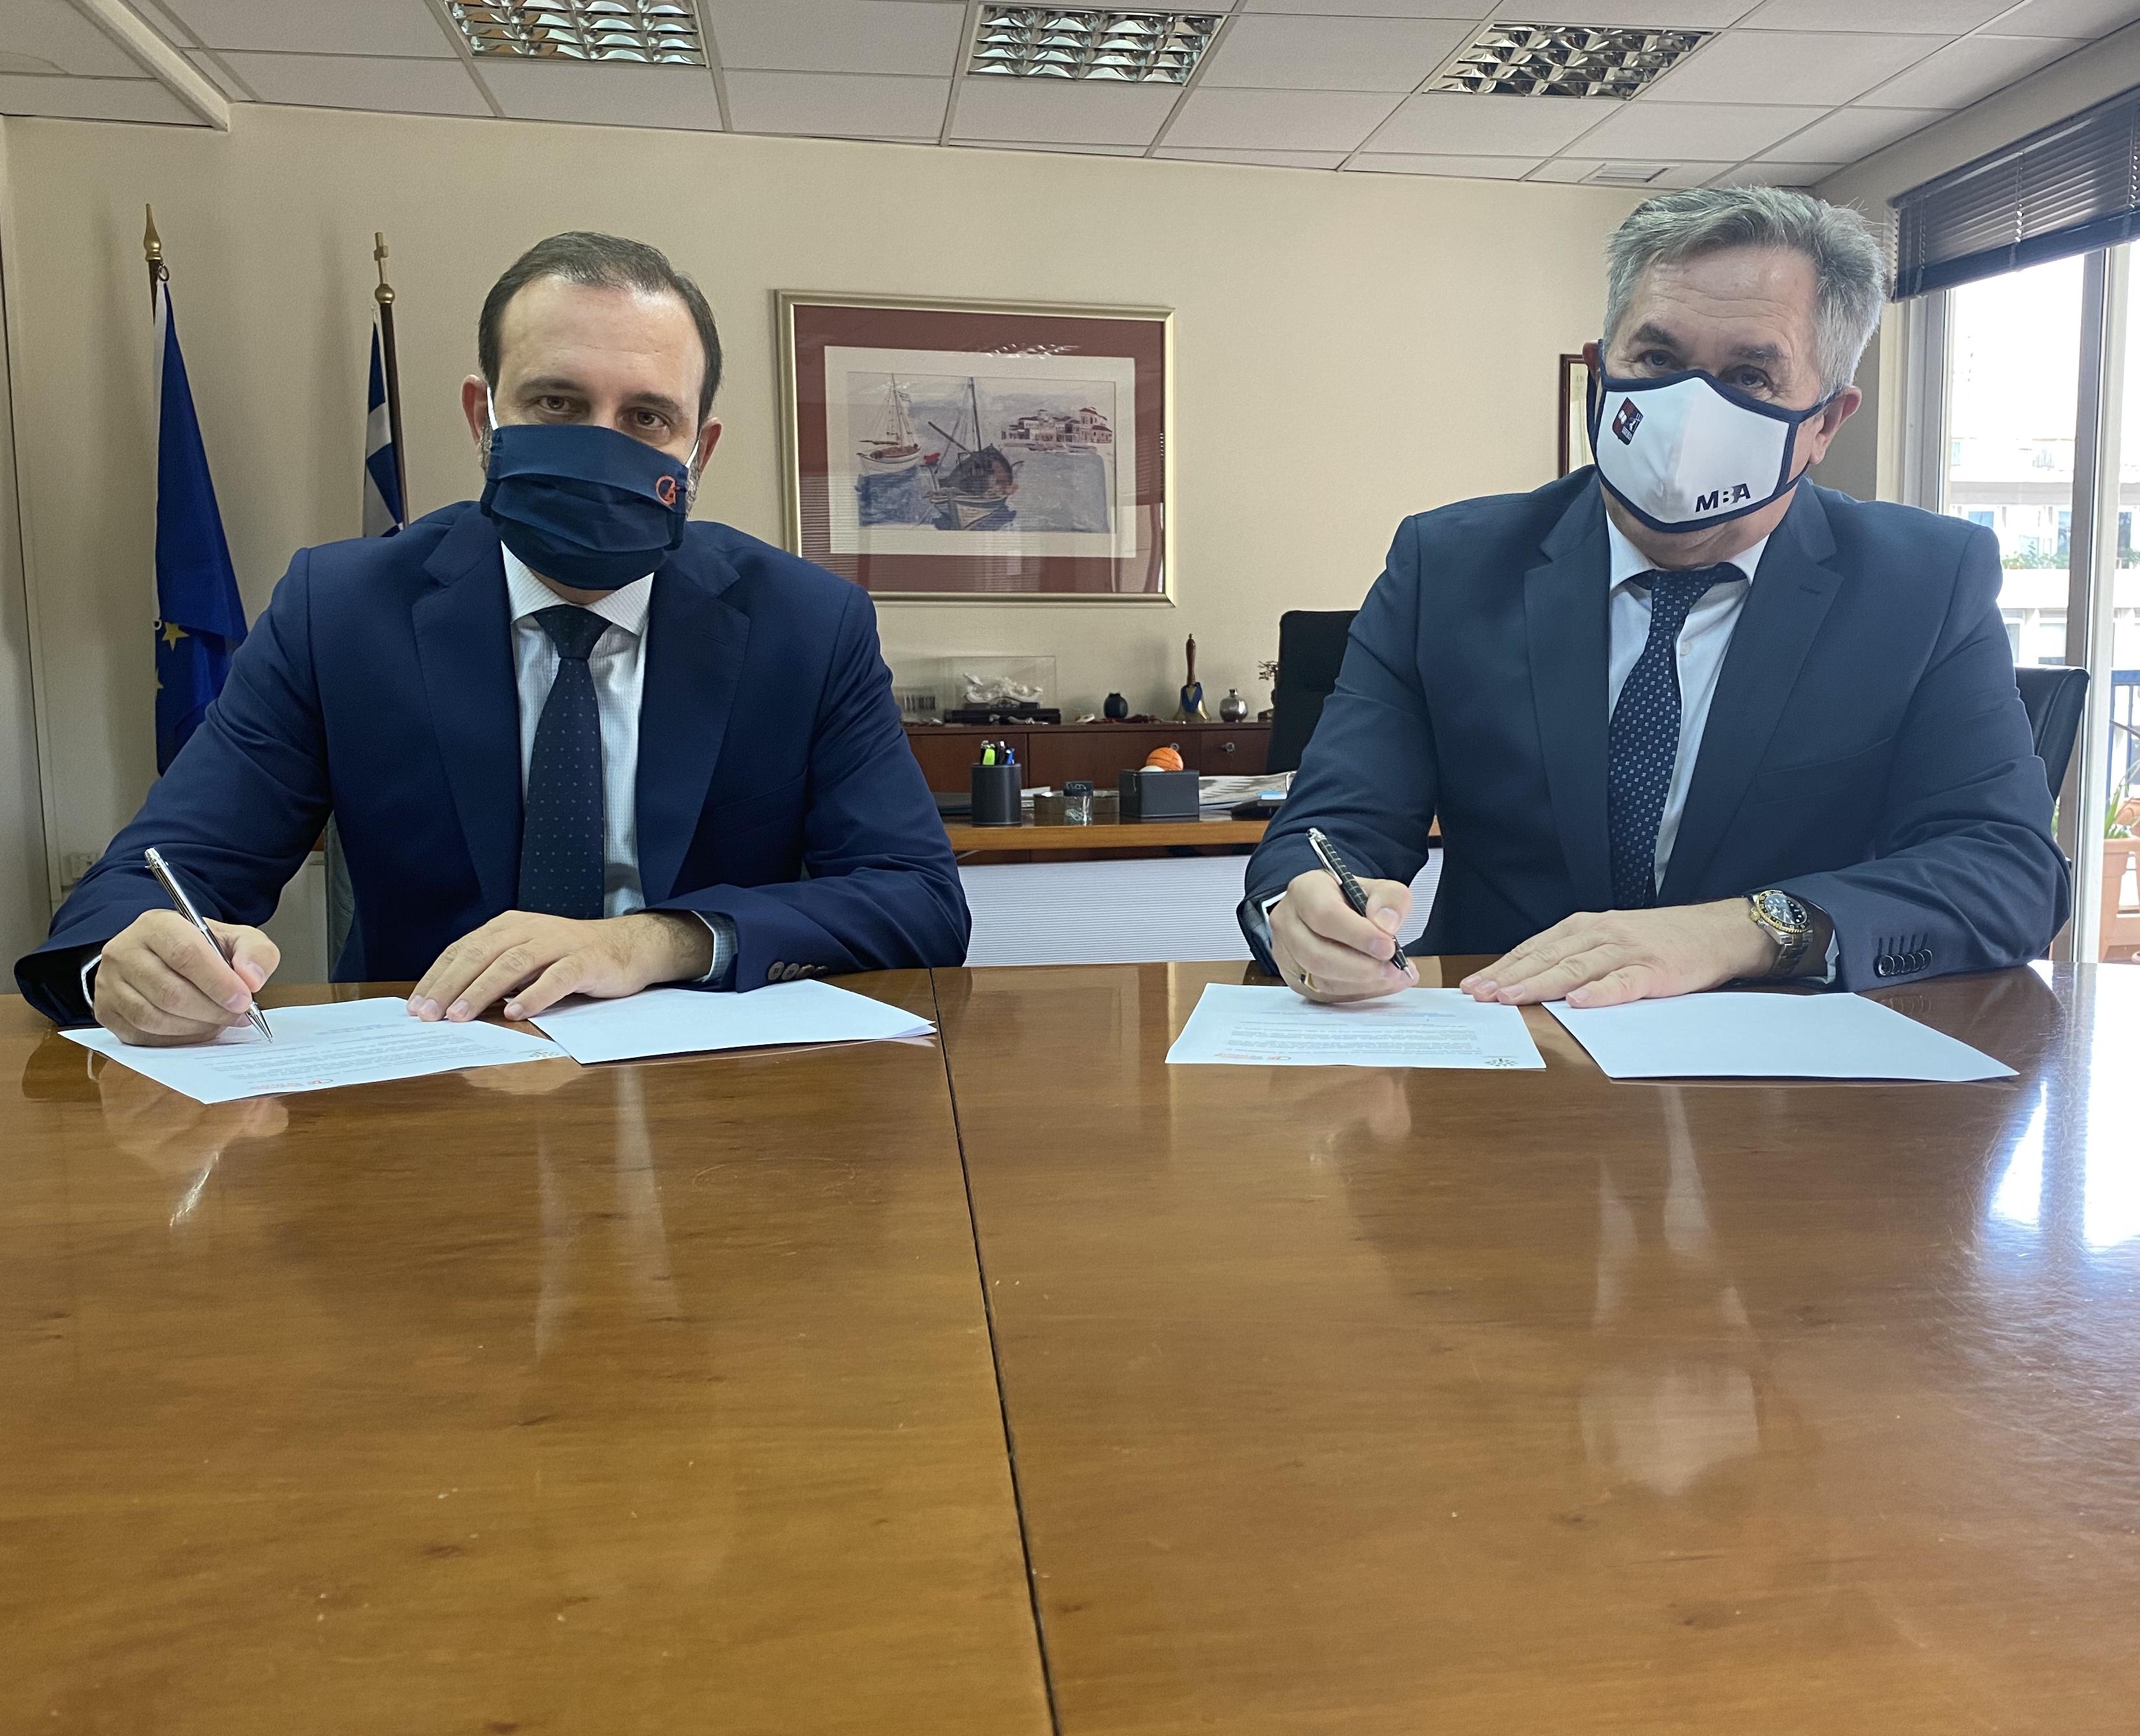 ΟΕΕ: Προγραμματική συμφωνία με Ινστιτούτο Χρηματοοικονομικού Αλφαβητισμού